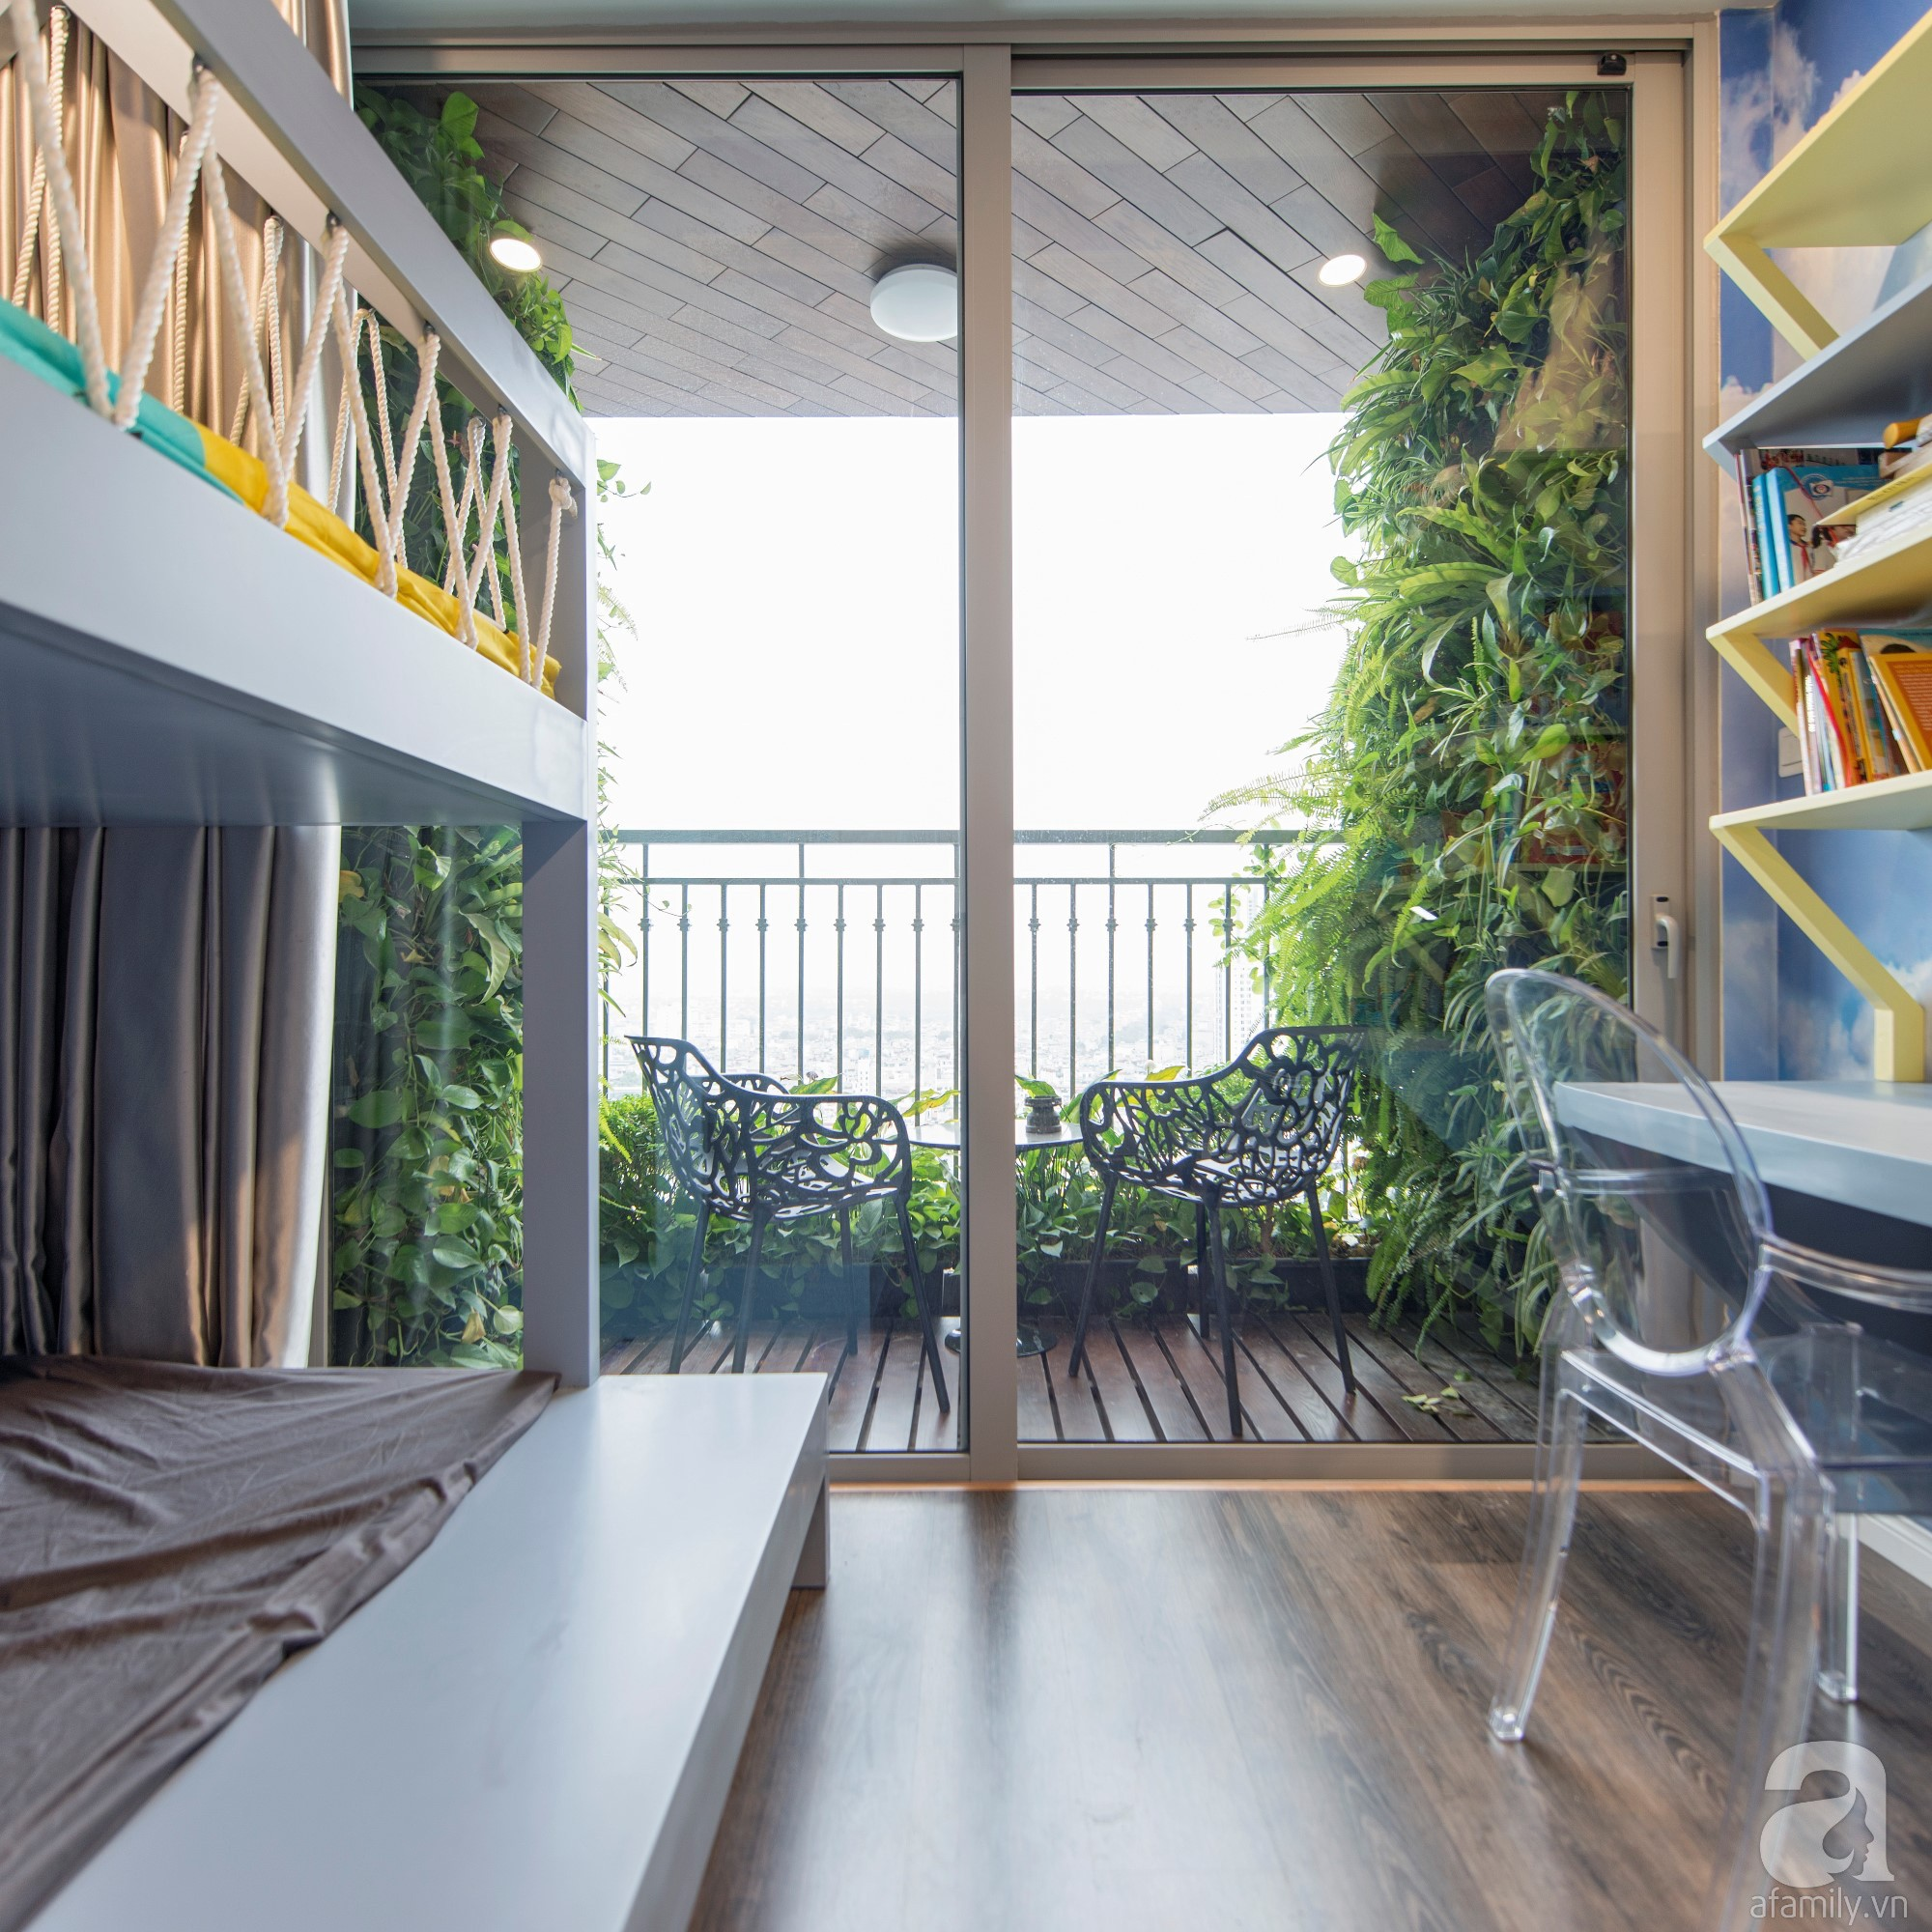 Căn hộ 80m² trên tầng 21 đẹp độc đáo với chi phí cải tạo 780 triệu đồng của chủ nhà yêu cây xanh - Ảnh 16.